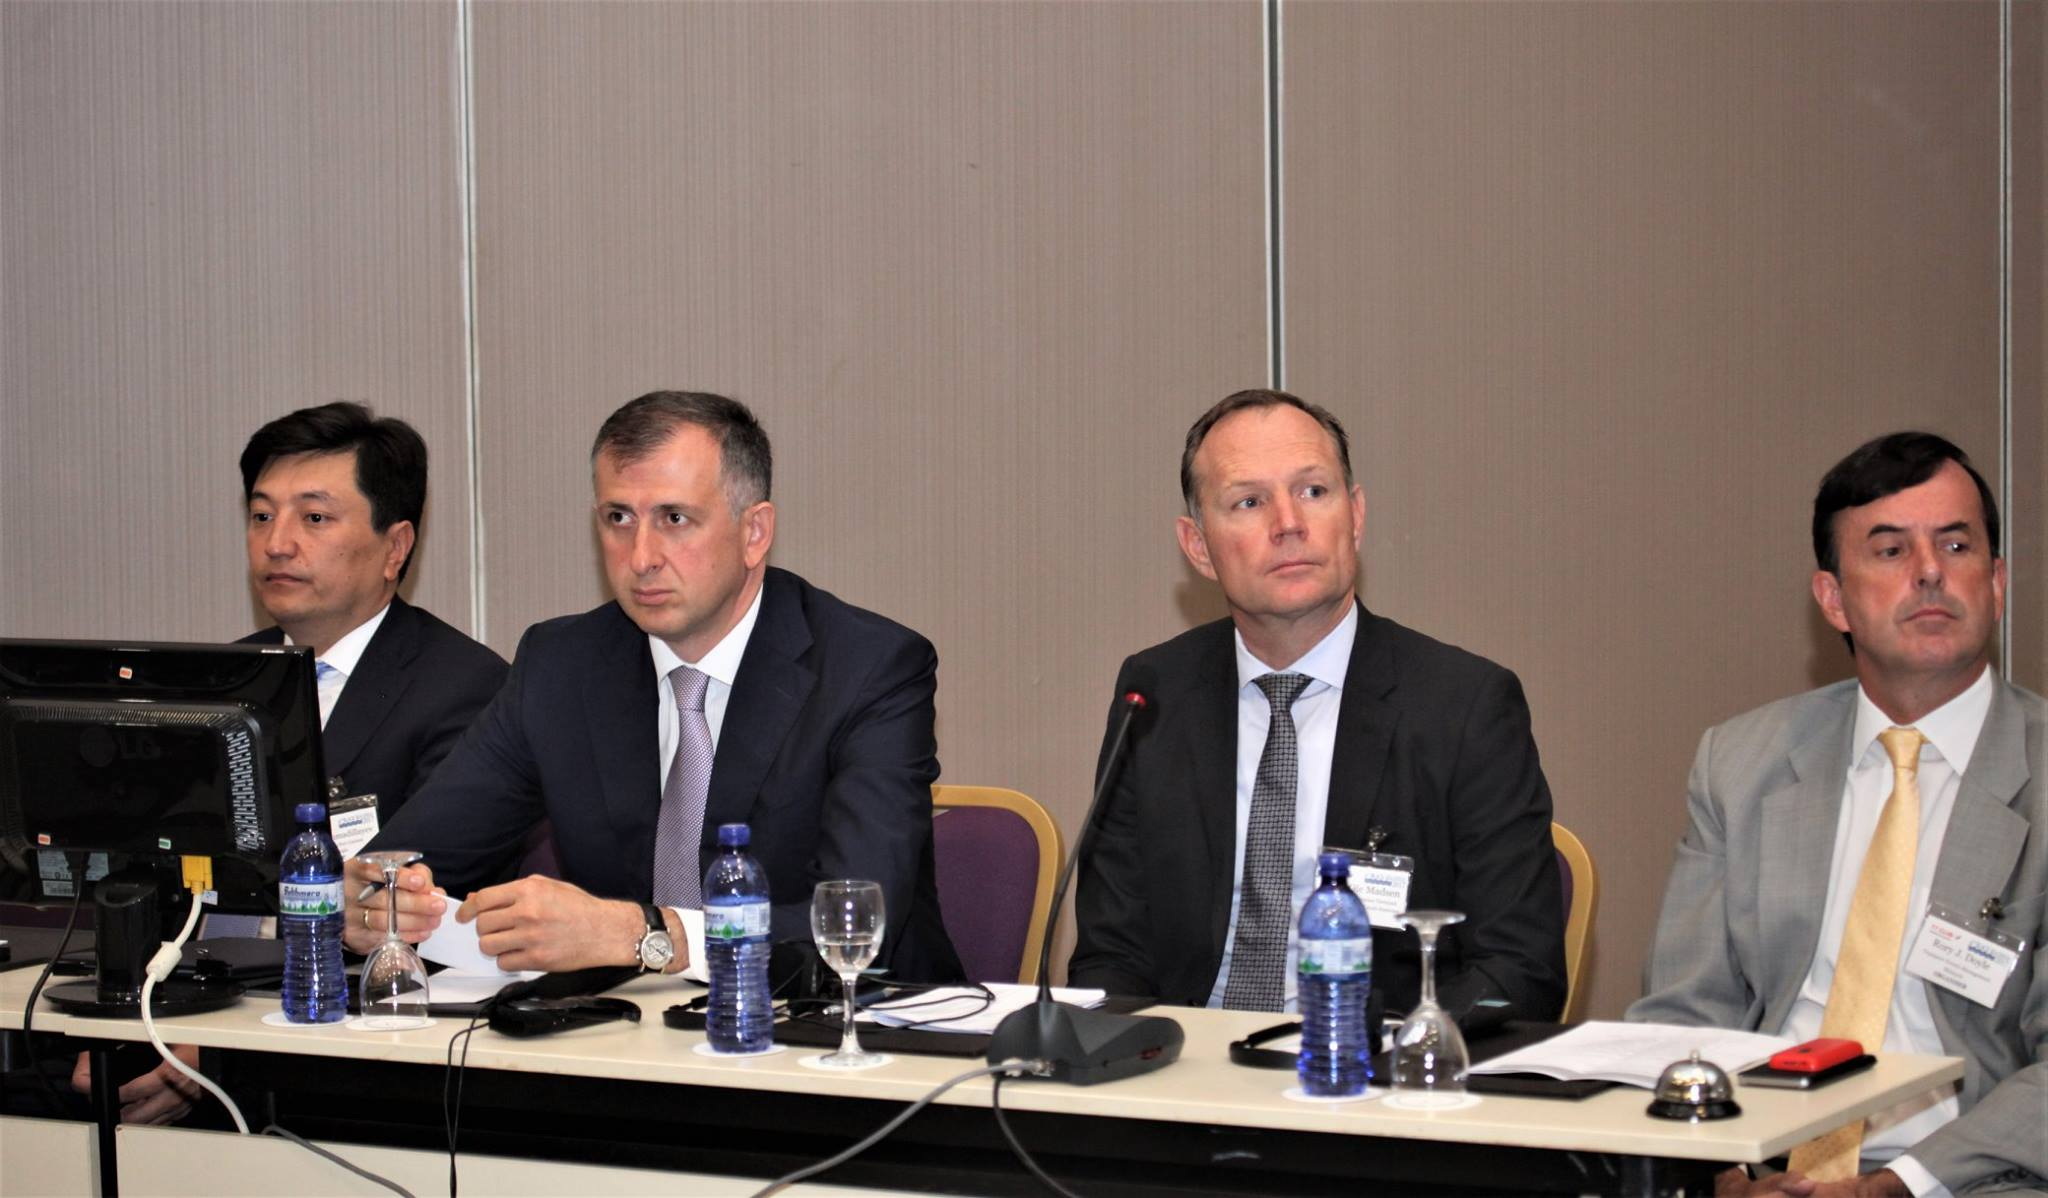 ბათუმში შავი ზღვის ნავსადგურებისა და გადაზიდვების მე-6 საერთაშორისო კონფერენცია გაიხსნა